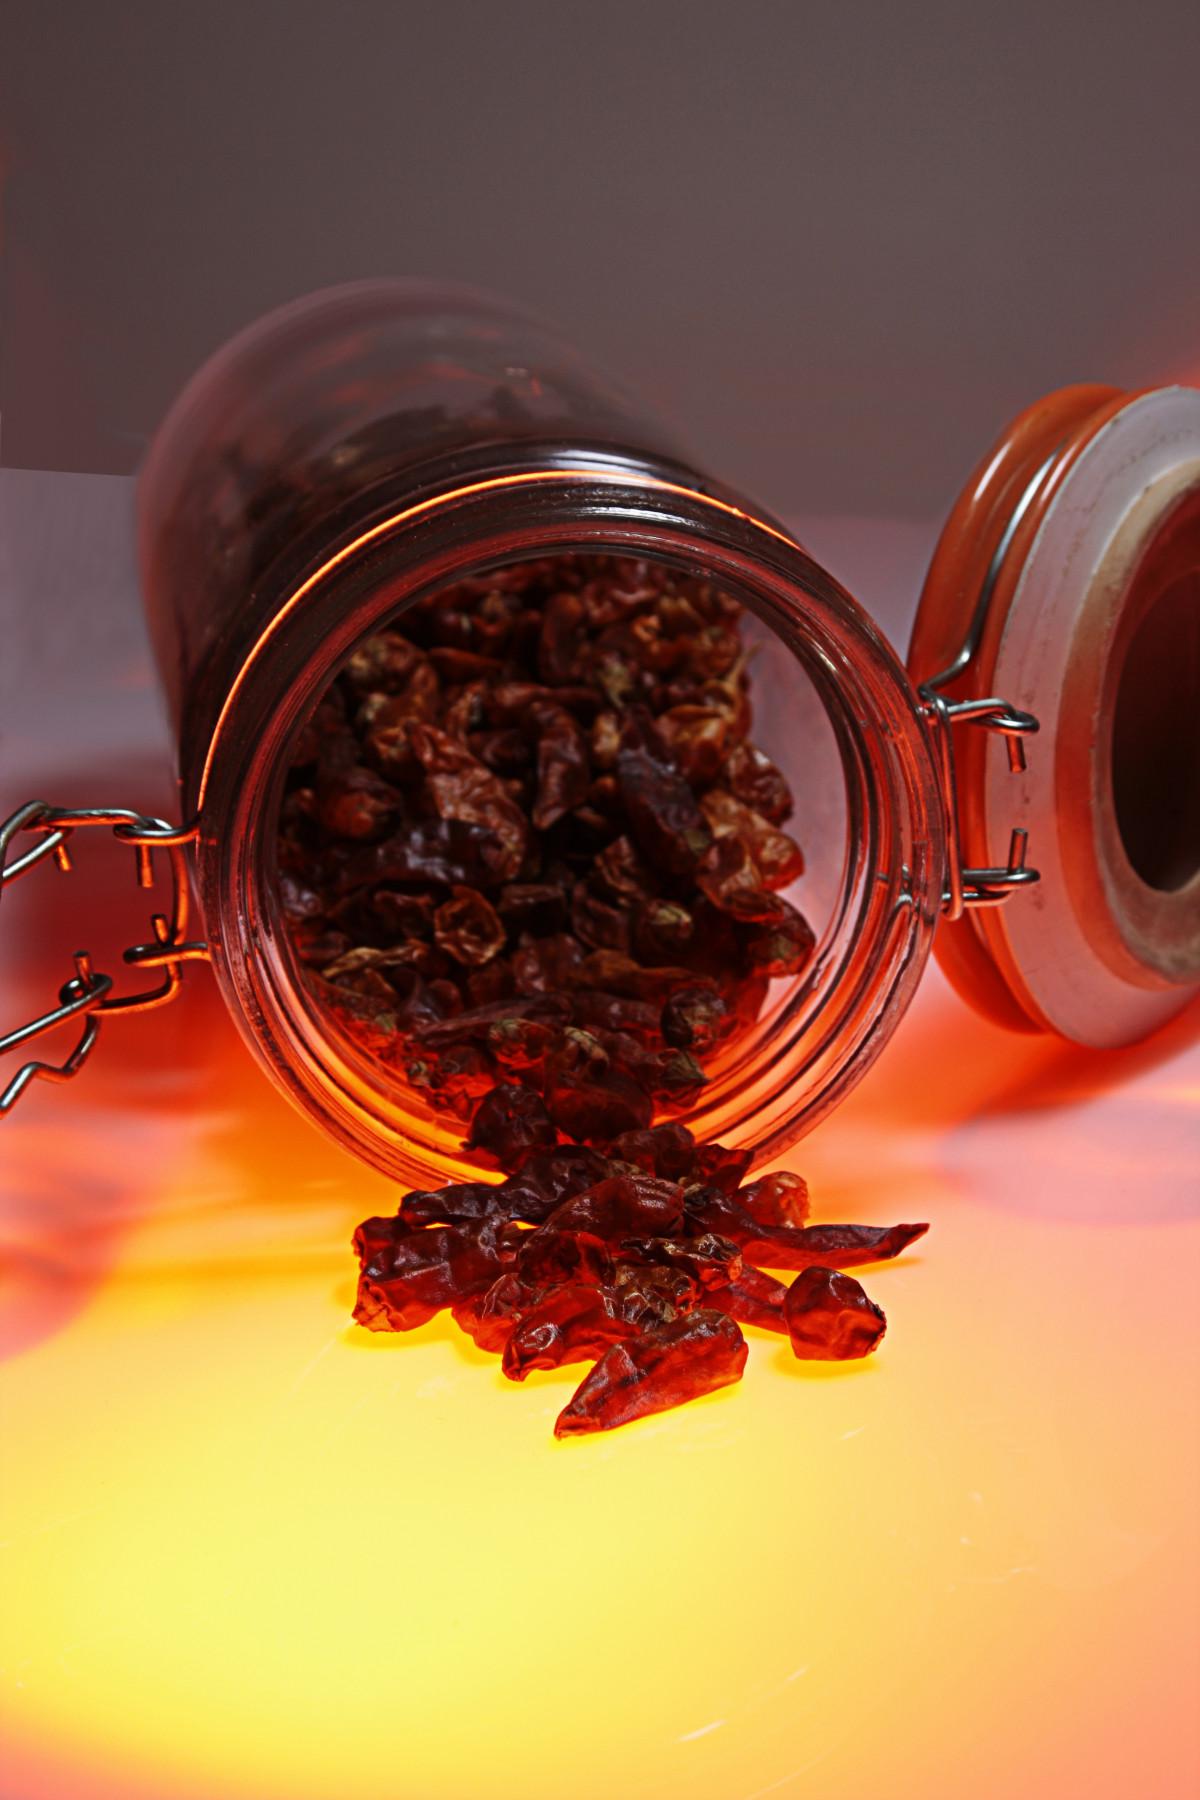 images gratuites plante fleur aliments herbe produire boisson pot de ma on saveur. Black Bedroom Furniture Sets. Home Design Ideas